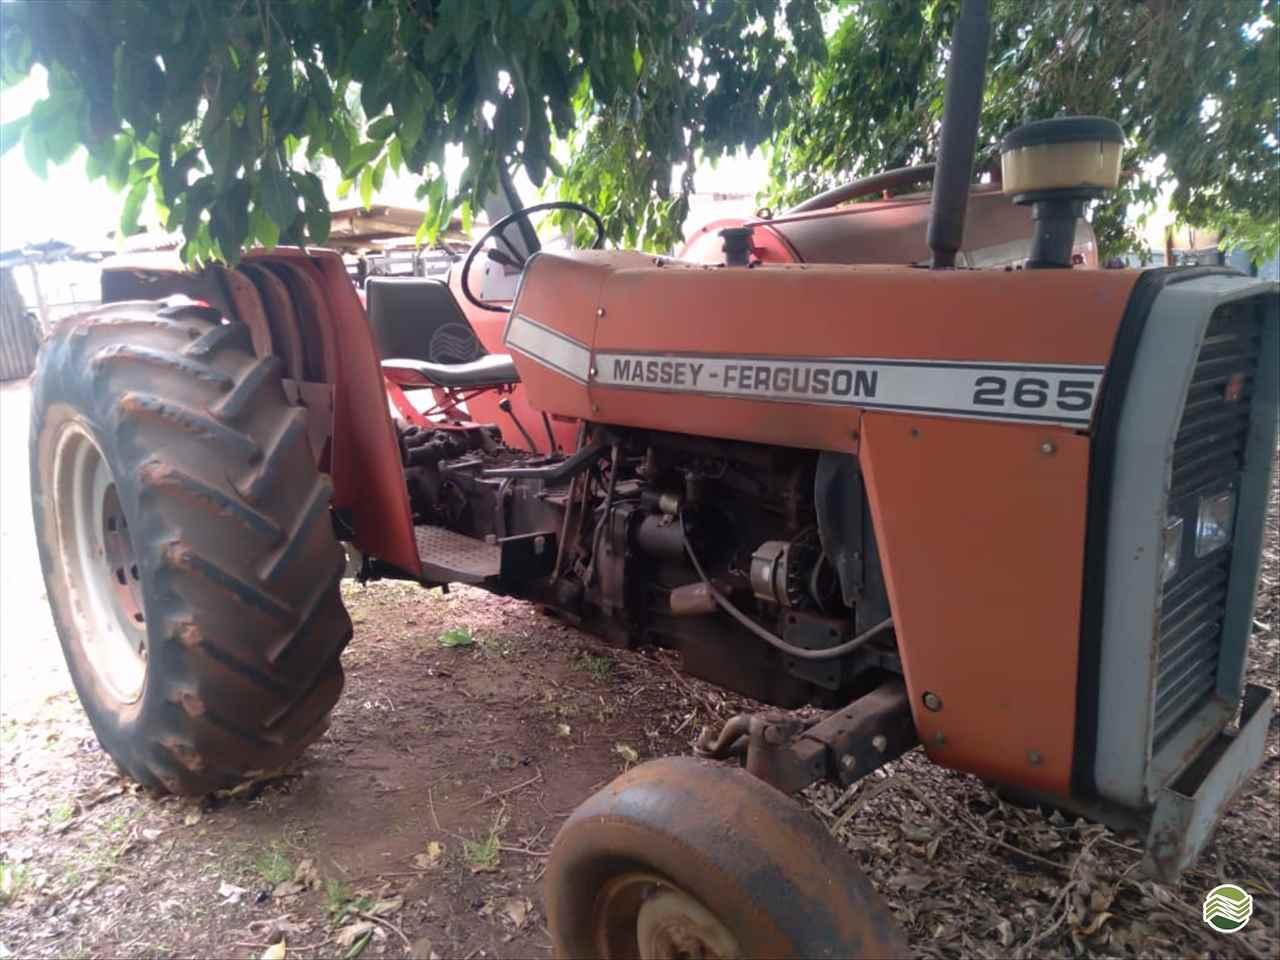 TRATOR MASSEY FERGUSON MF 265 Tração 4x2 Gerominho Implementos Agrícolas UBERLANDIA MINAS GERAIS MG